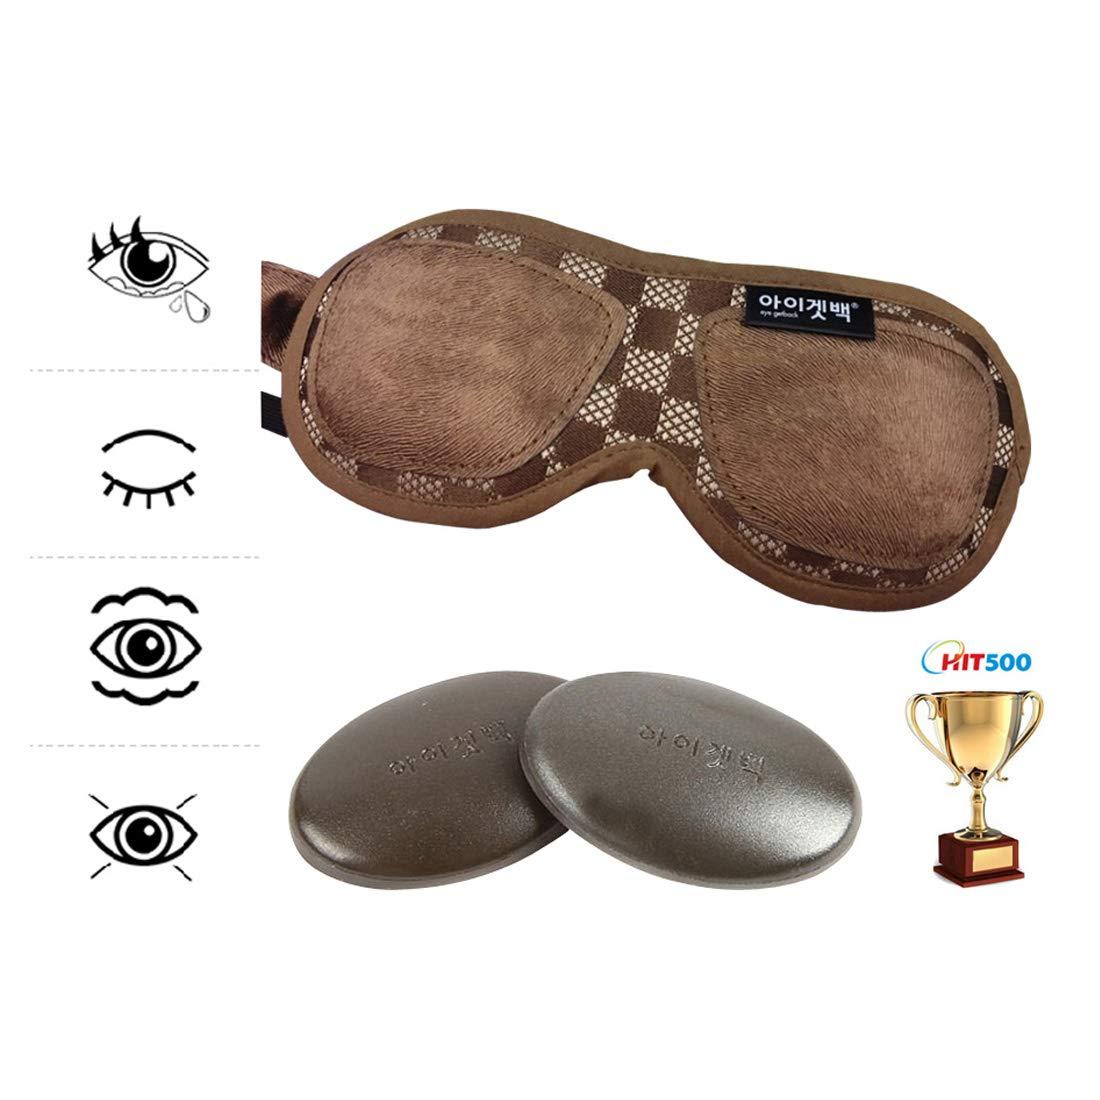 (高級) 陰イオン 遠赤外線 眼帯 目の疲労 眼球乾燥症 Eye Mask 血目 後遺症(Lasik, Lasek) 老眼 管理 Eye Patch 並行輸入   B07N1HT4Z3